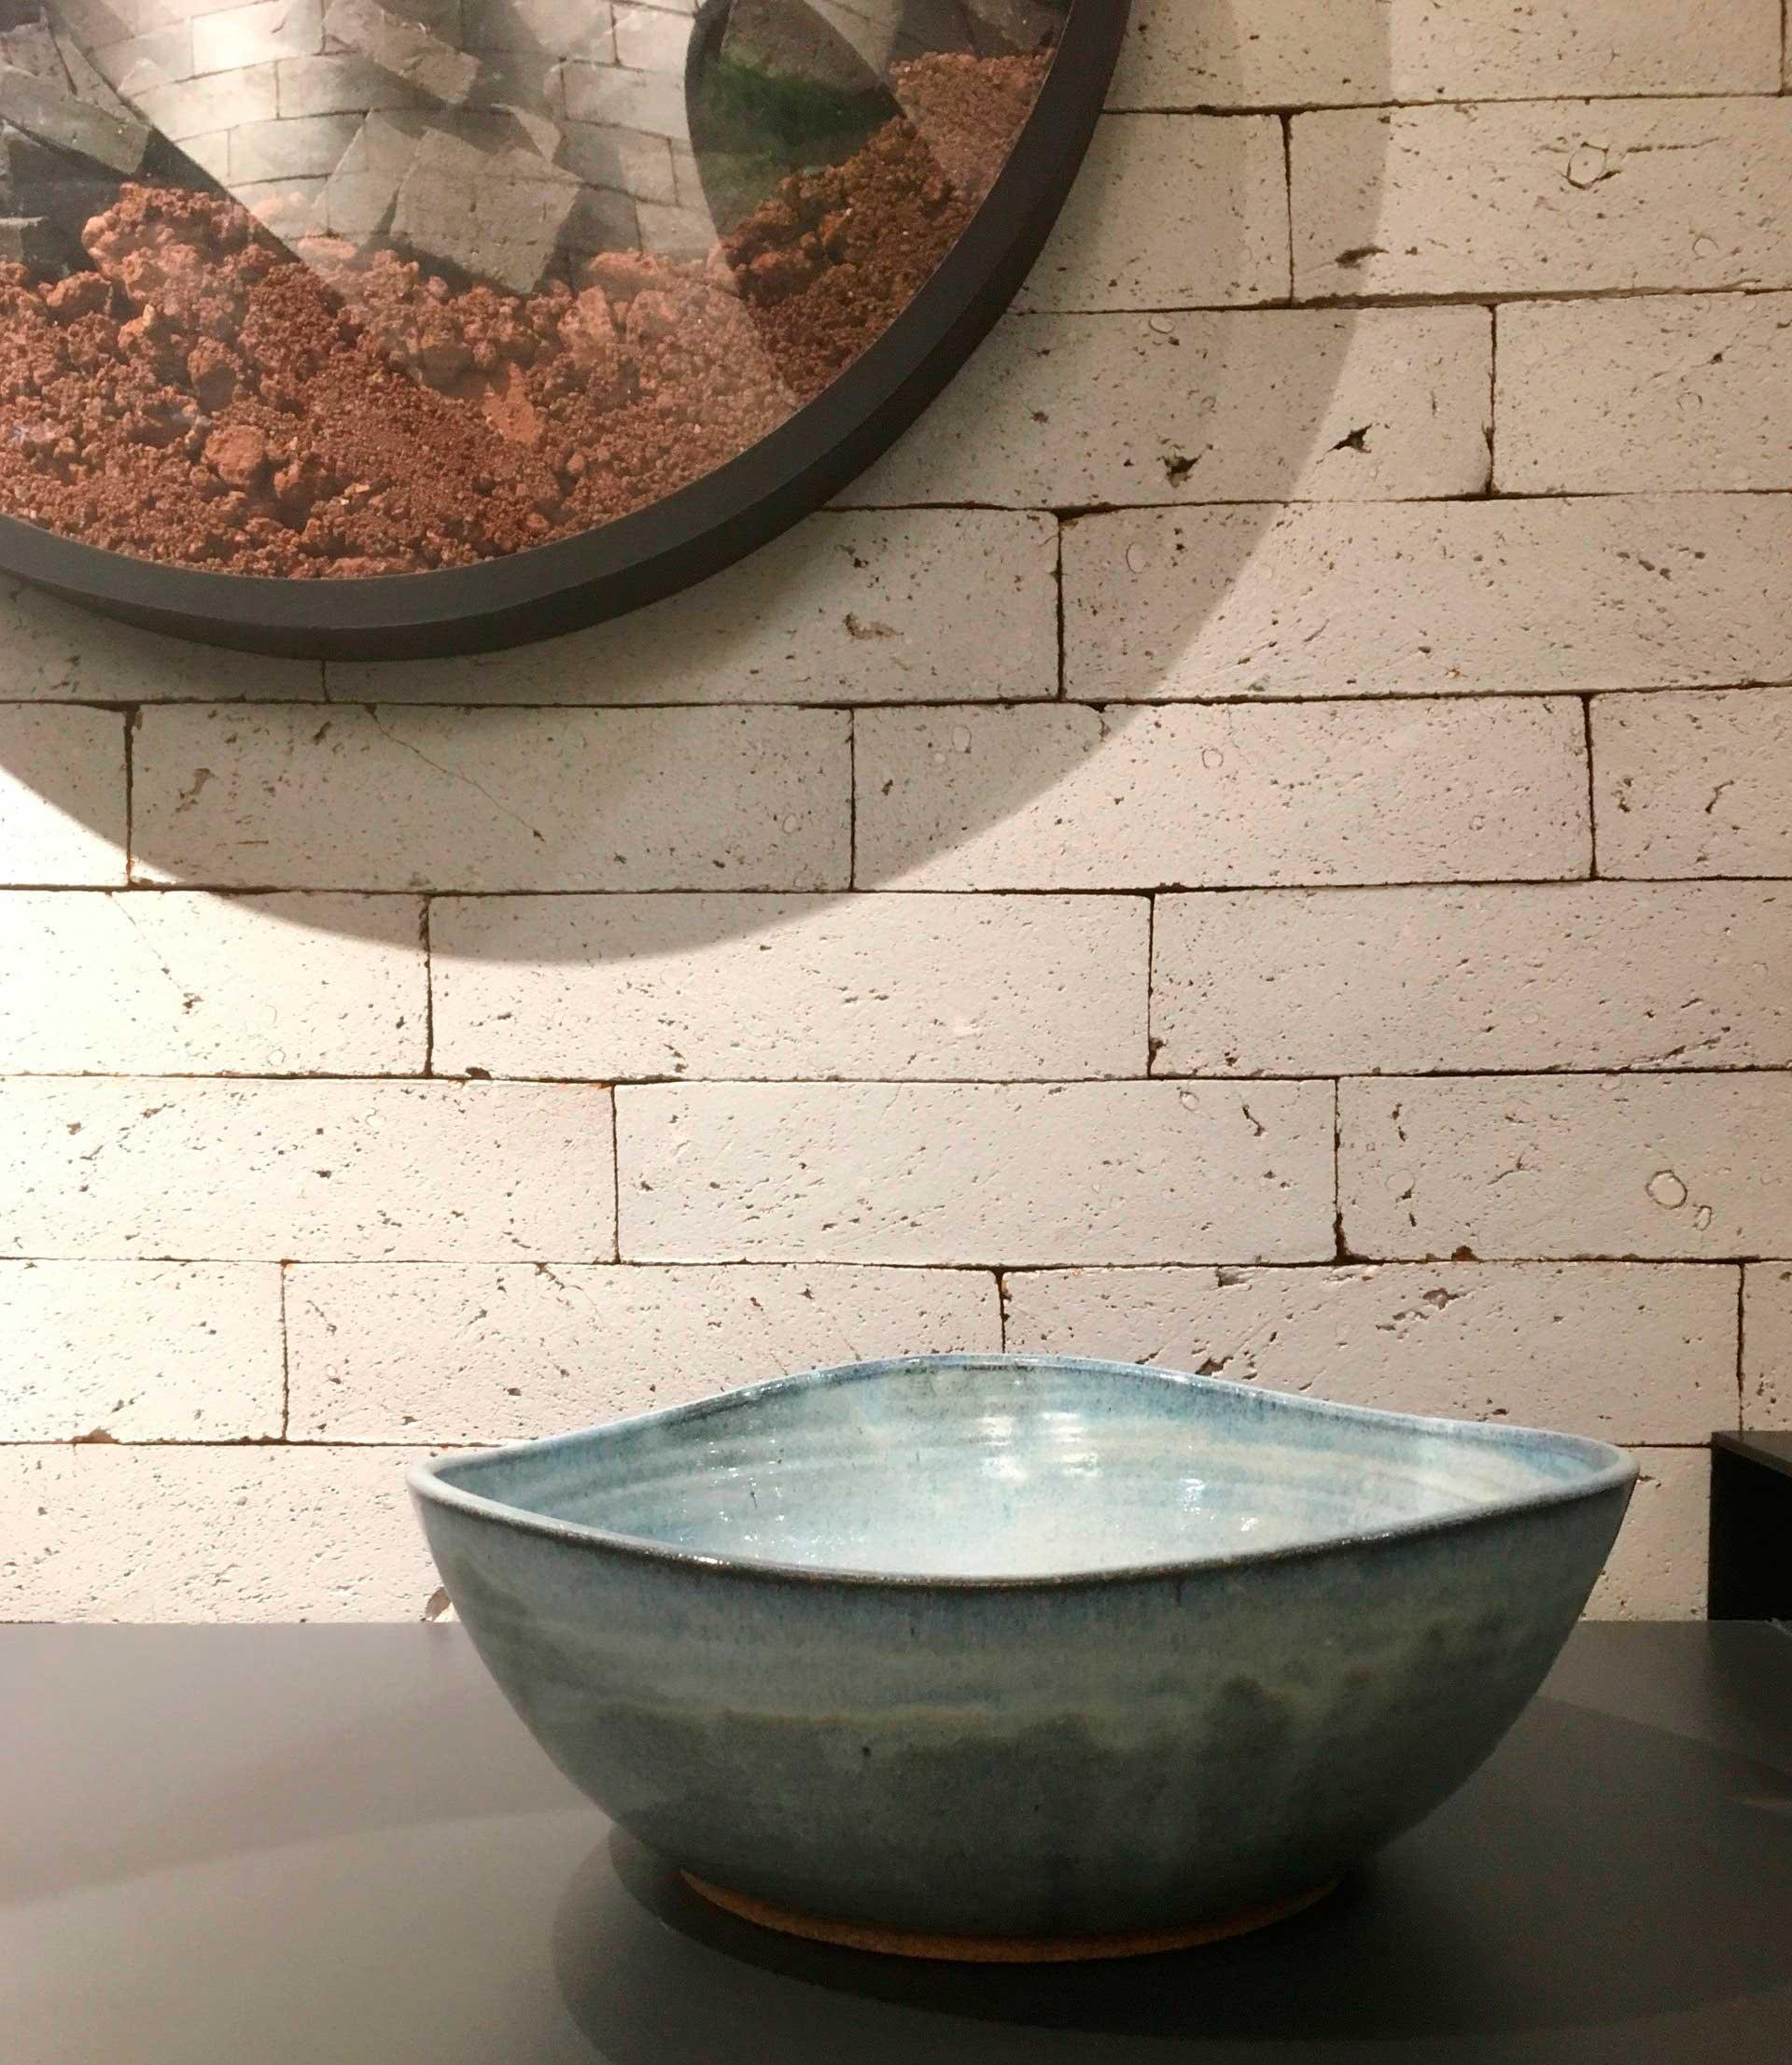 Imagem: Cuba Onda Blu Chiaro, lançamento da Lepri Casa. A cuba, além de ser em cerâmica (que remete ao trabalho manual), também tem formas bem orgânicas, imperfeitas e arredondadas. Foto: Arquiteca Projetos.